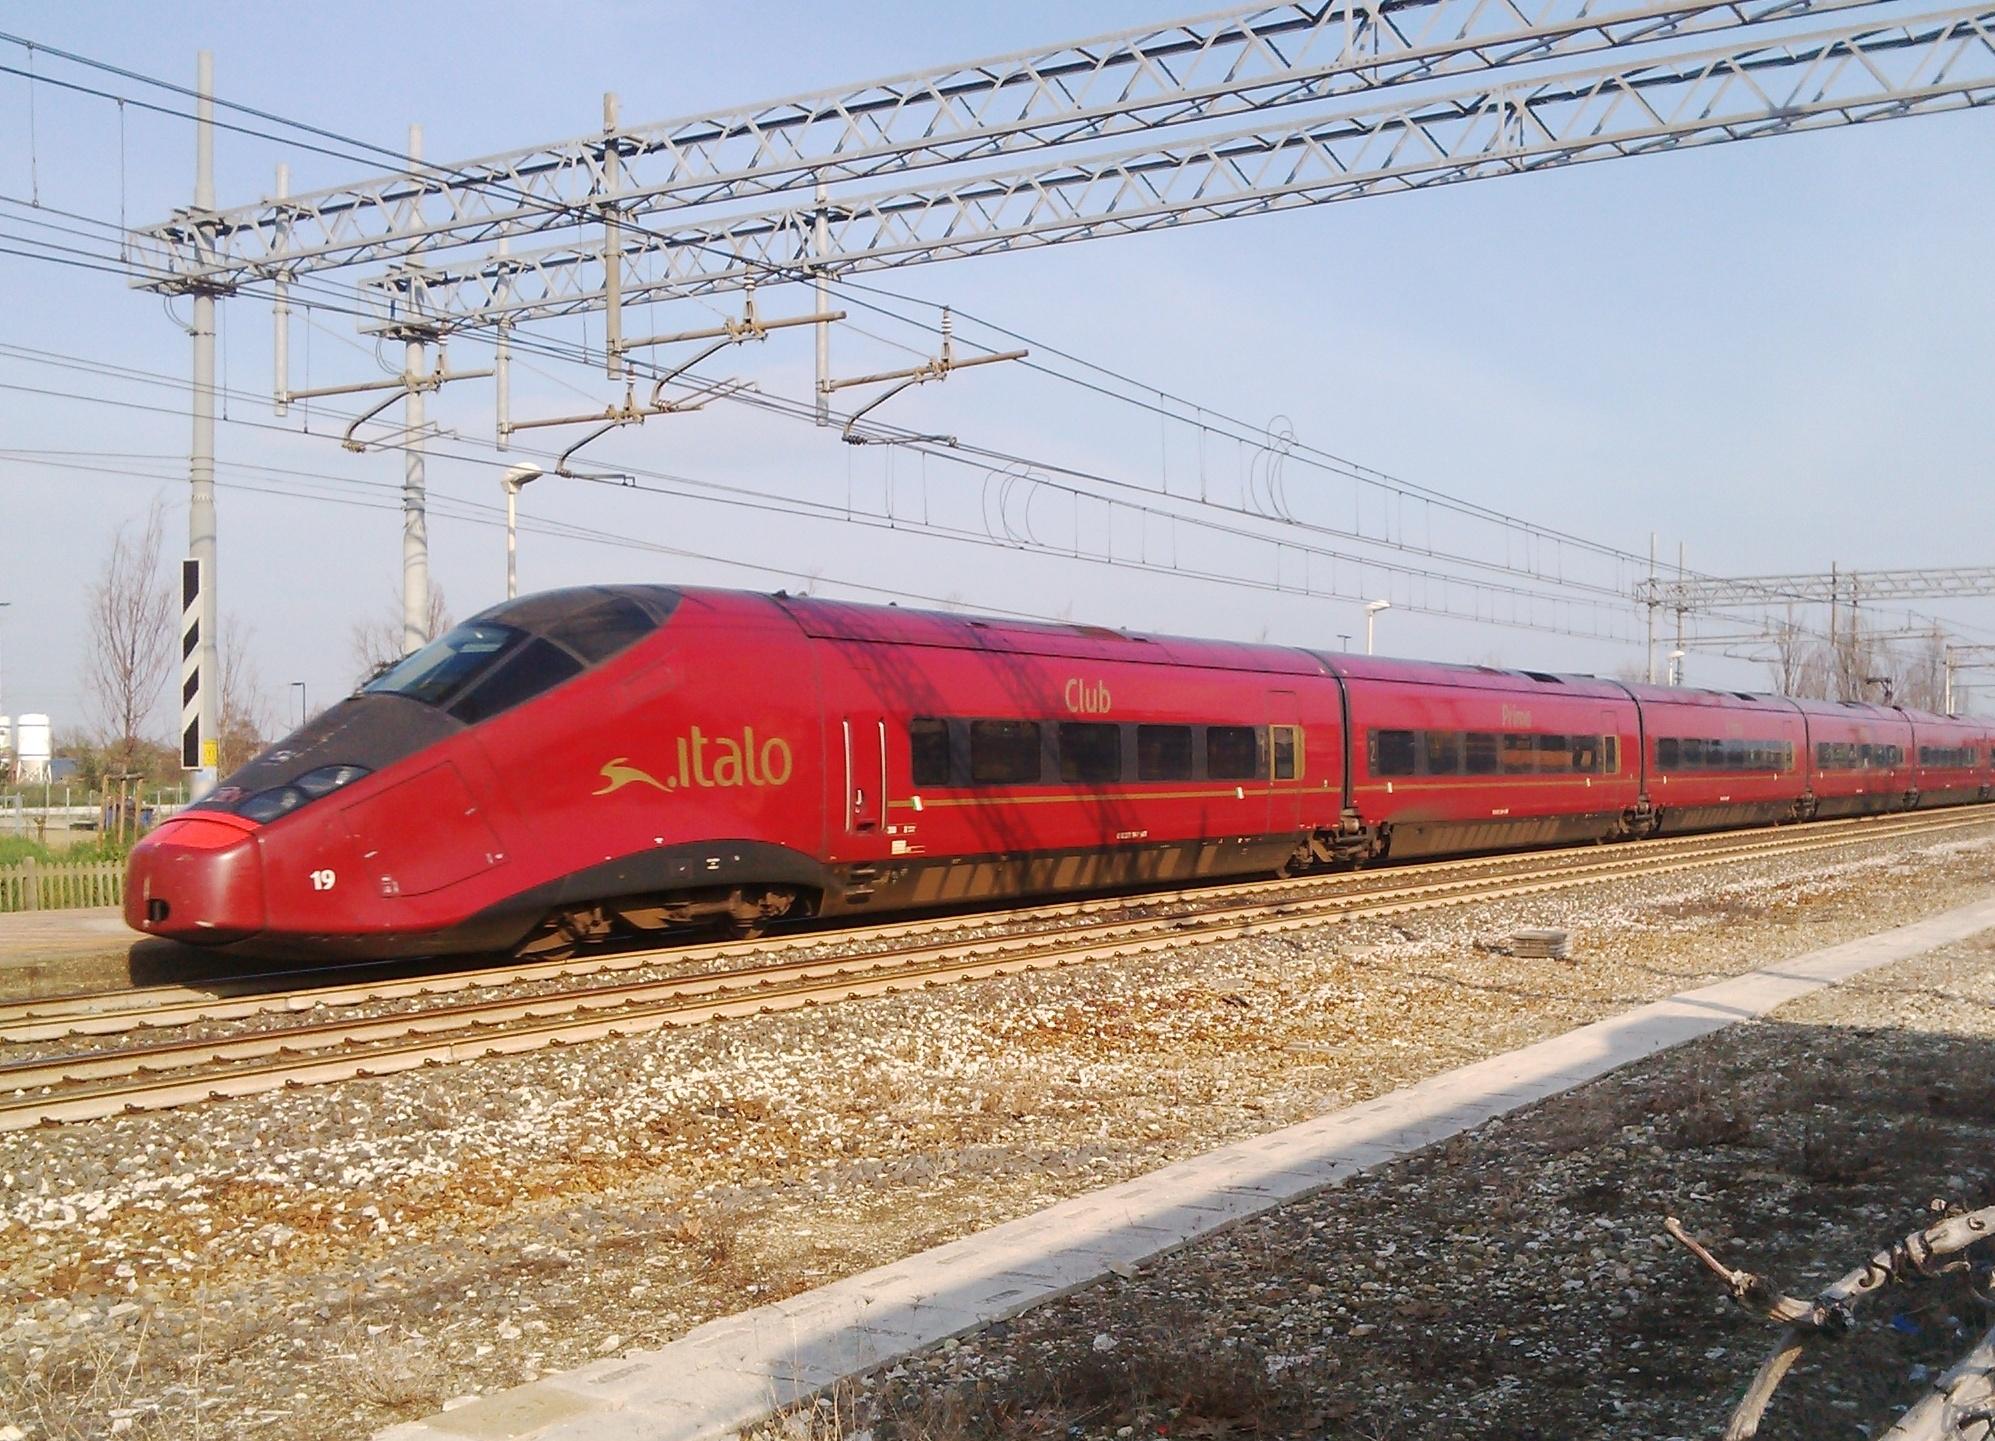 Il treno Italo di Ntv - Foto Giovanni Giglio